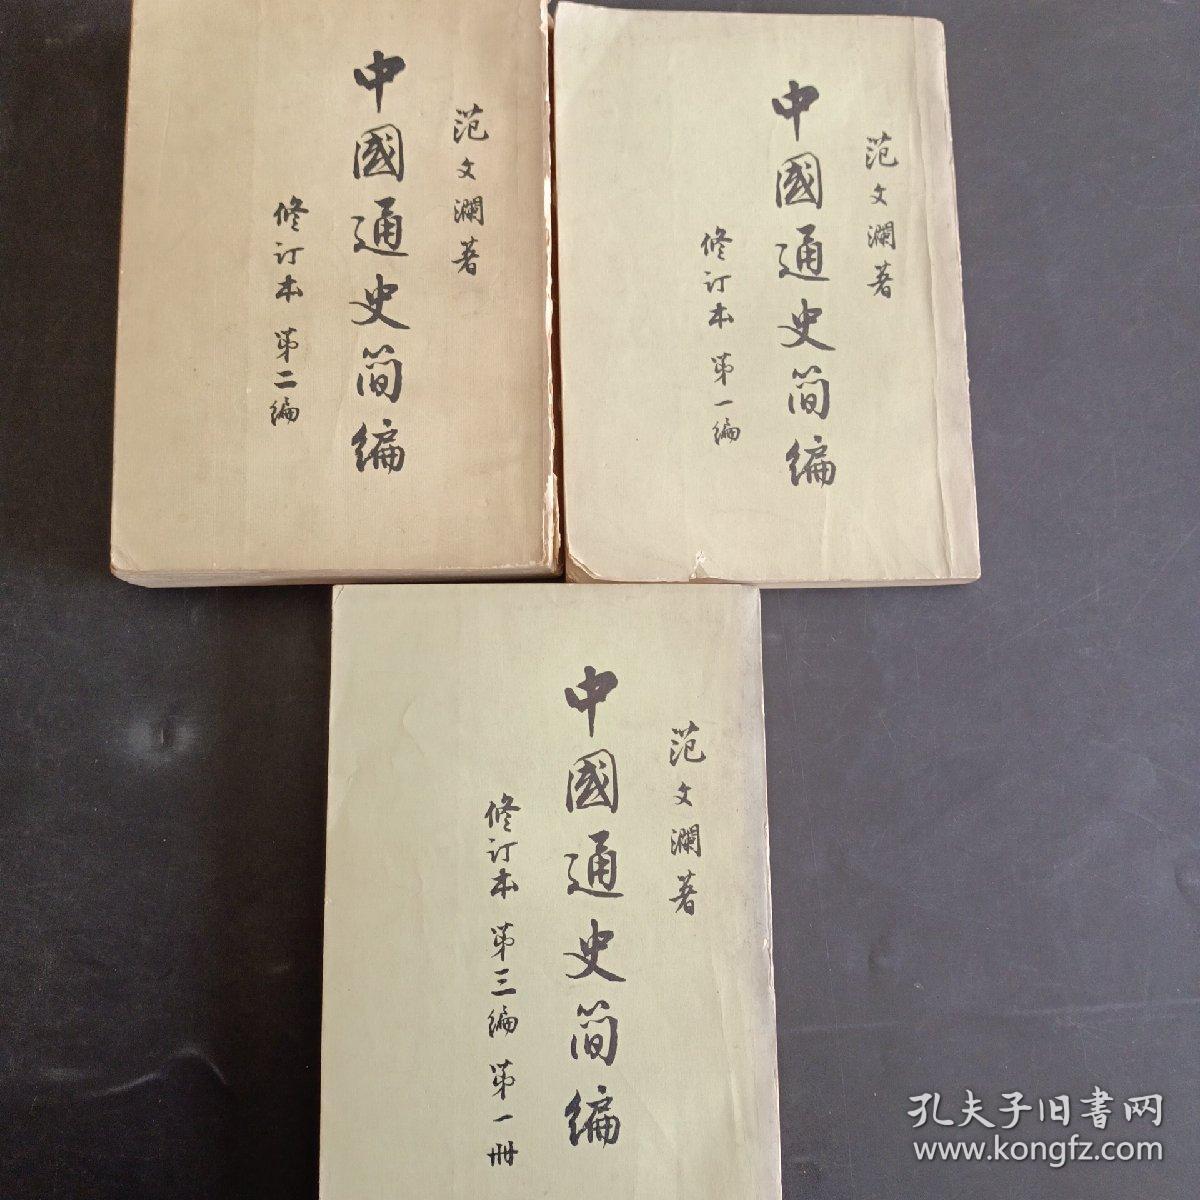 中国通史简编,修订本 ①第一编 ②第二编 ③第三编(第一册)共三册